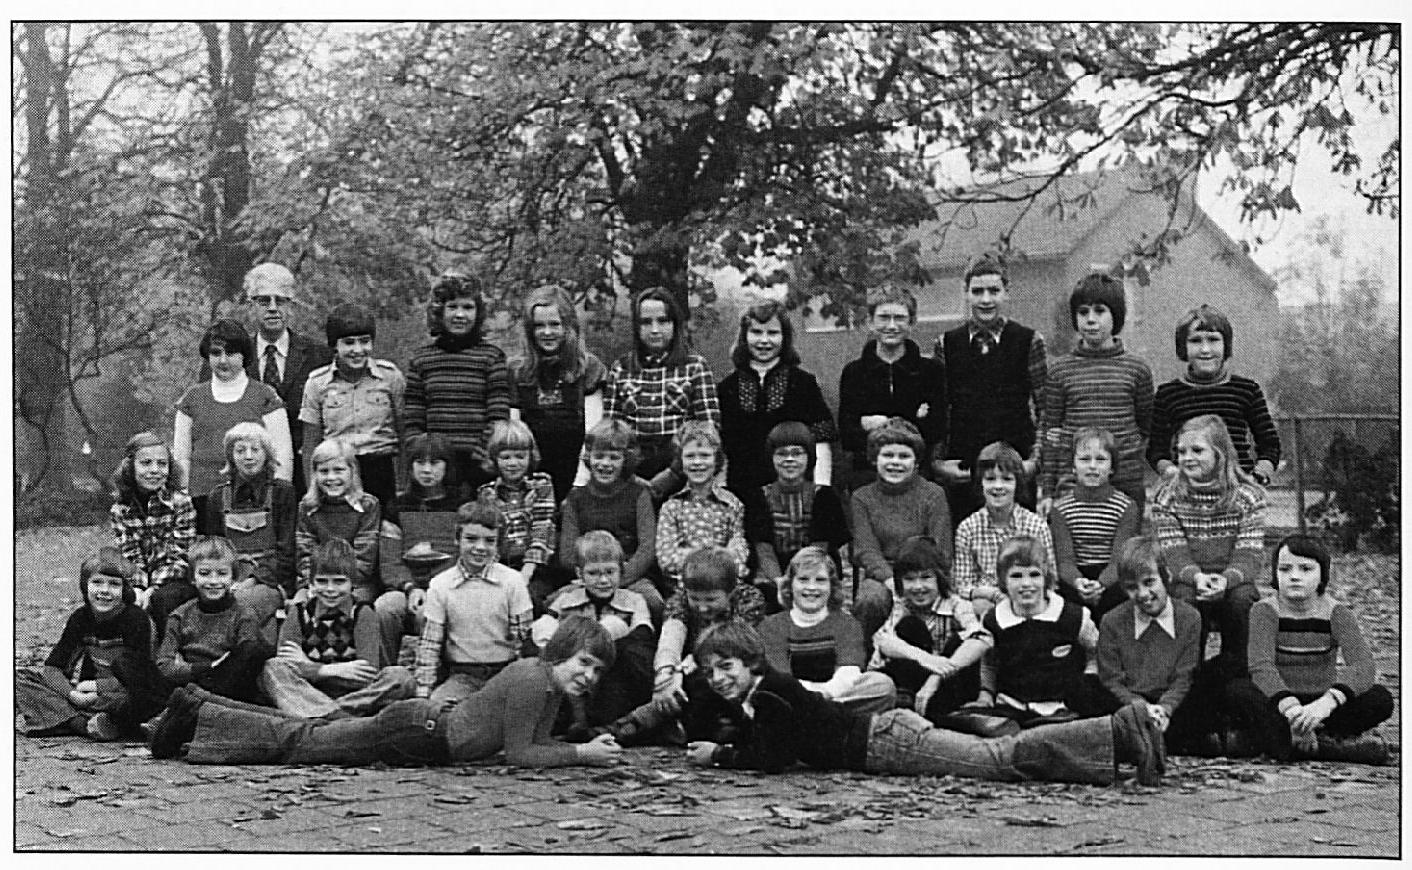 Schoolfoto uit 1977. Vooraan liggend: H. Hommerson en Michel Berghege. Eerste rij v.l.n.r.: Marion van Ingen, Dicky de Beus, Hugo Zegwaard, J. v. lngen, K. van lngen. S. van lngen. Rian van Beem, René van Maurik, Jan van lngen, J. Zegwaard, P. Wijgerse. Tweede rij: B. Berghege, Adri Ernste, lrma Taal, J. v. Verseveld, H. Rutjens, B. Taal, R. v. Verseveld, P. Oosterhuis, Marco de Ruiter, W. van Maurik, Eric Verhoef, K. Willekes. Achterste rij: A. Ernste, Meester Uyterlinde, Carla Verkerk, J. v. Valburg, L. v. Doesburg, L. Verkerk, Maria van Zuidam.